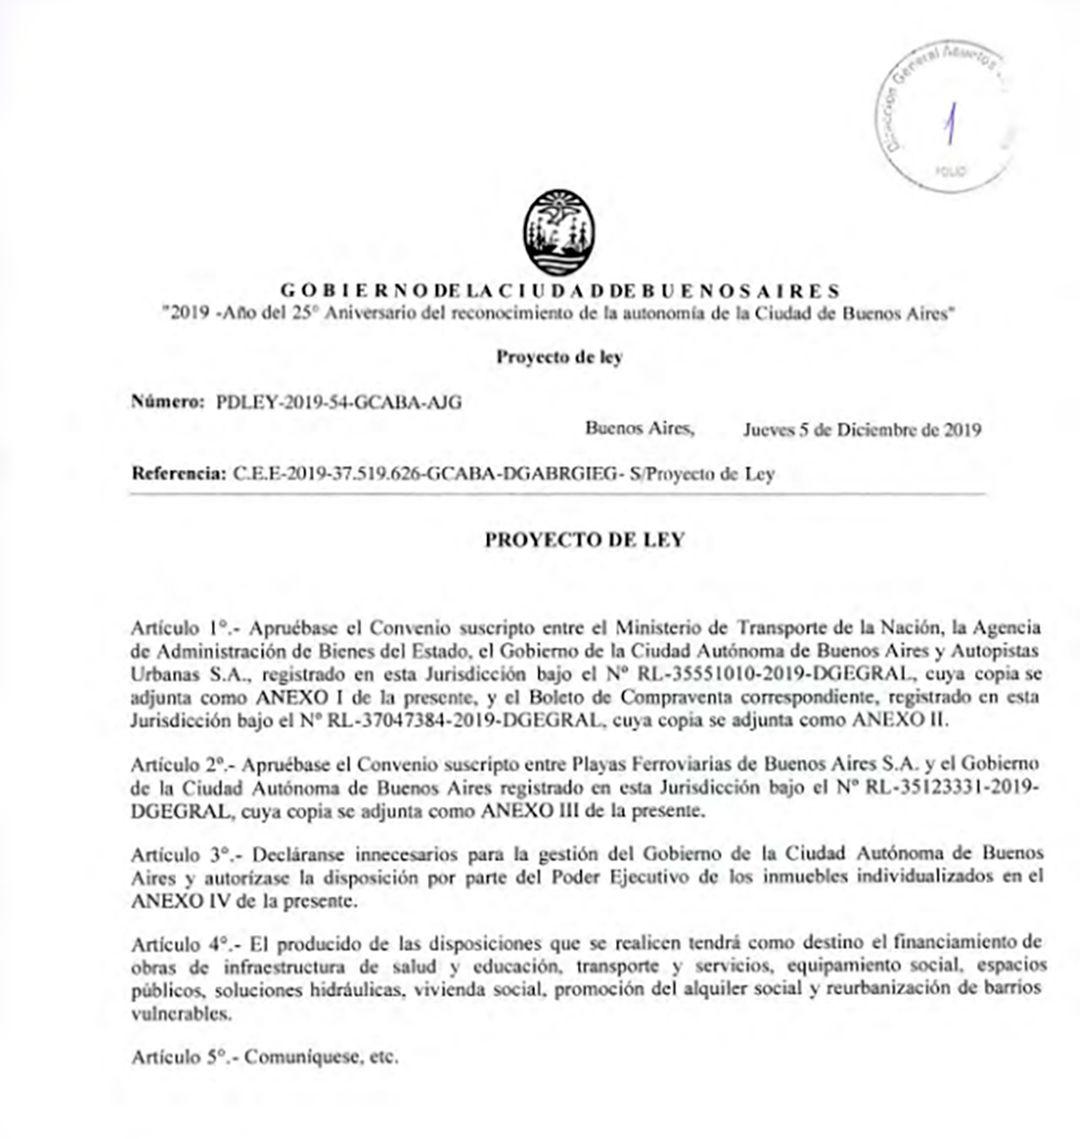 El texto del proyecto de ley que contempla la transferencia de terrenos de Nación a Ciudad